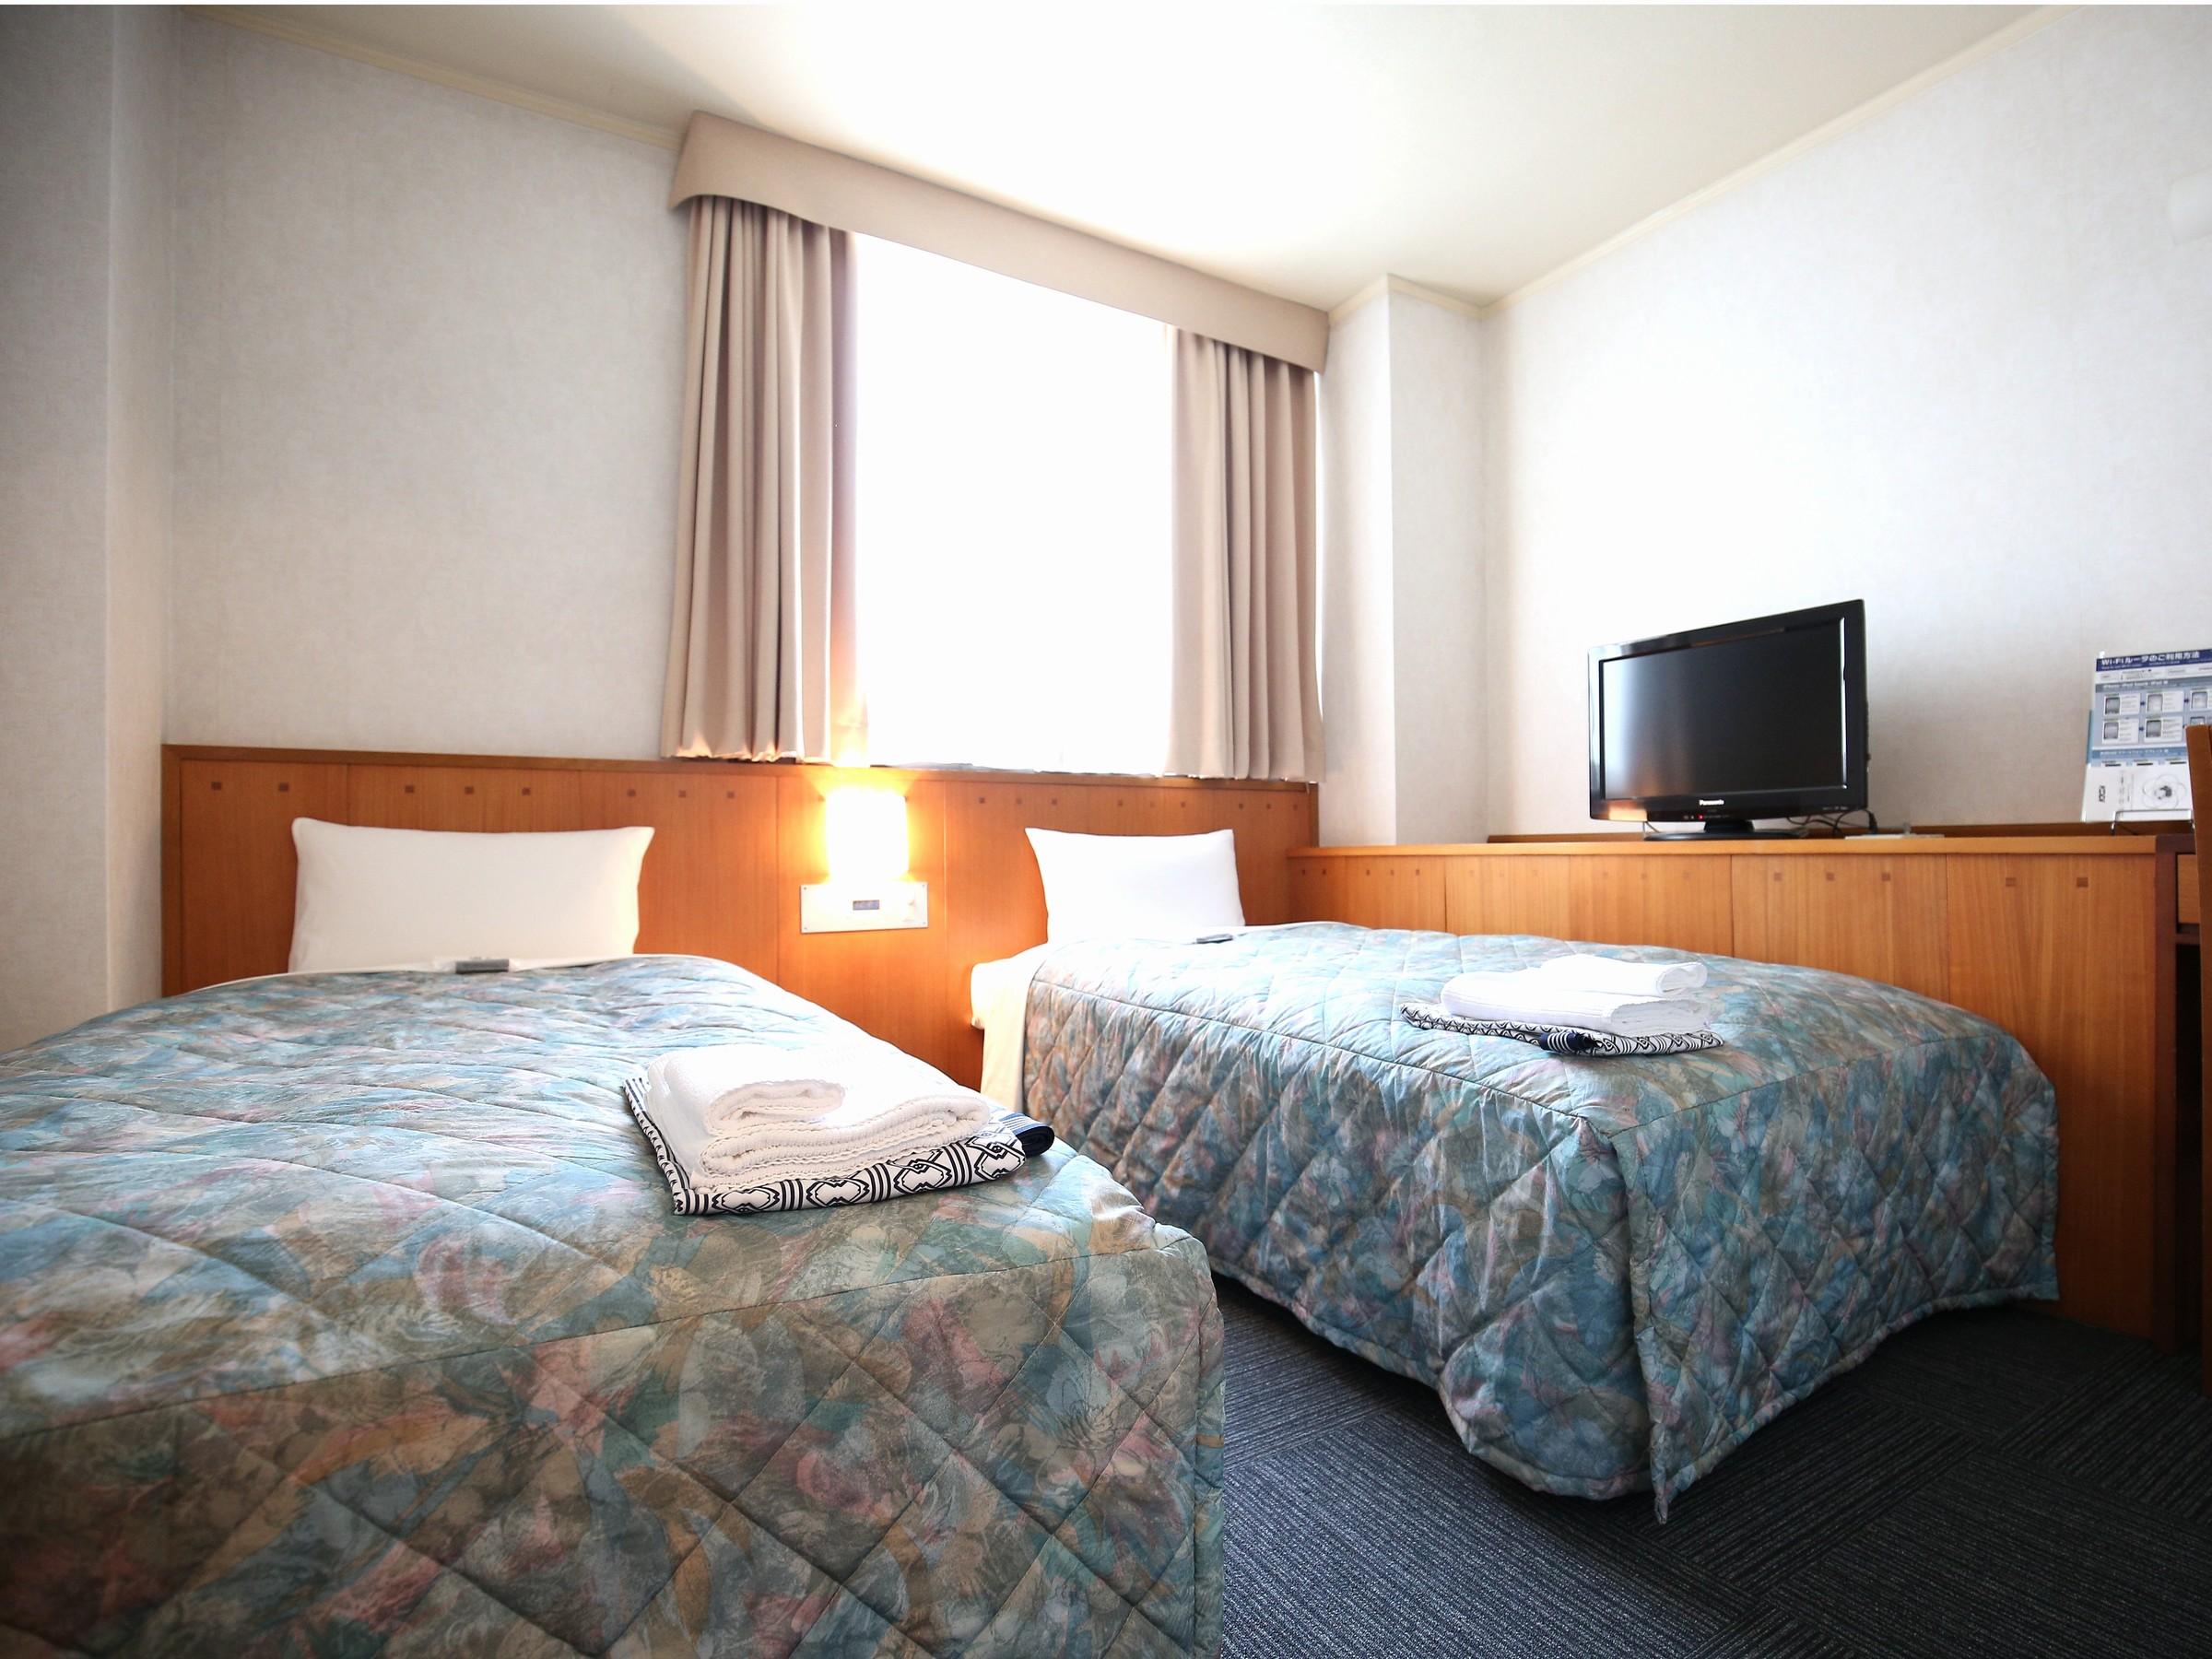 ホテル姫路プラザ / [喫煙室]コンパクト・ツインルーム(2名部屋)■広さ13平米